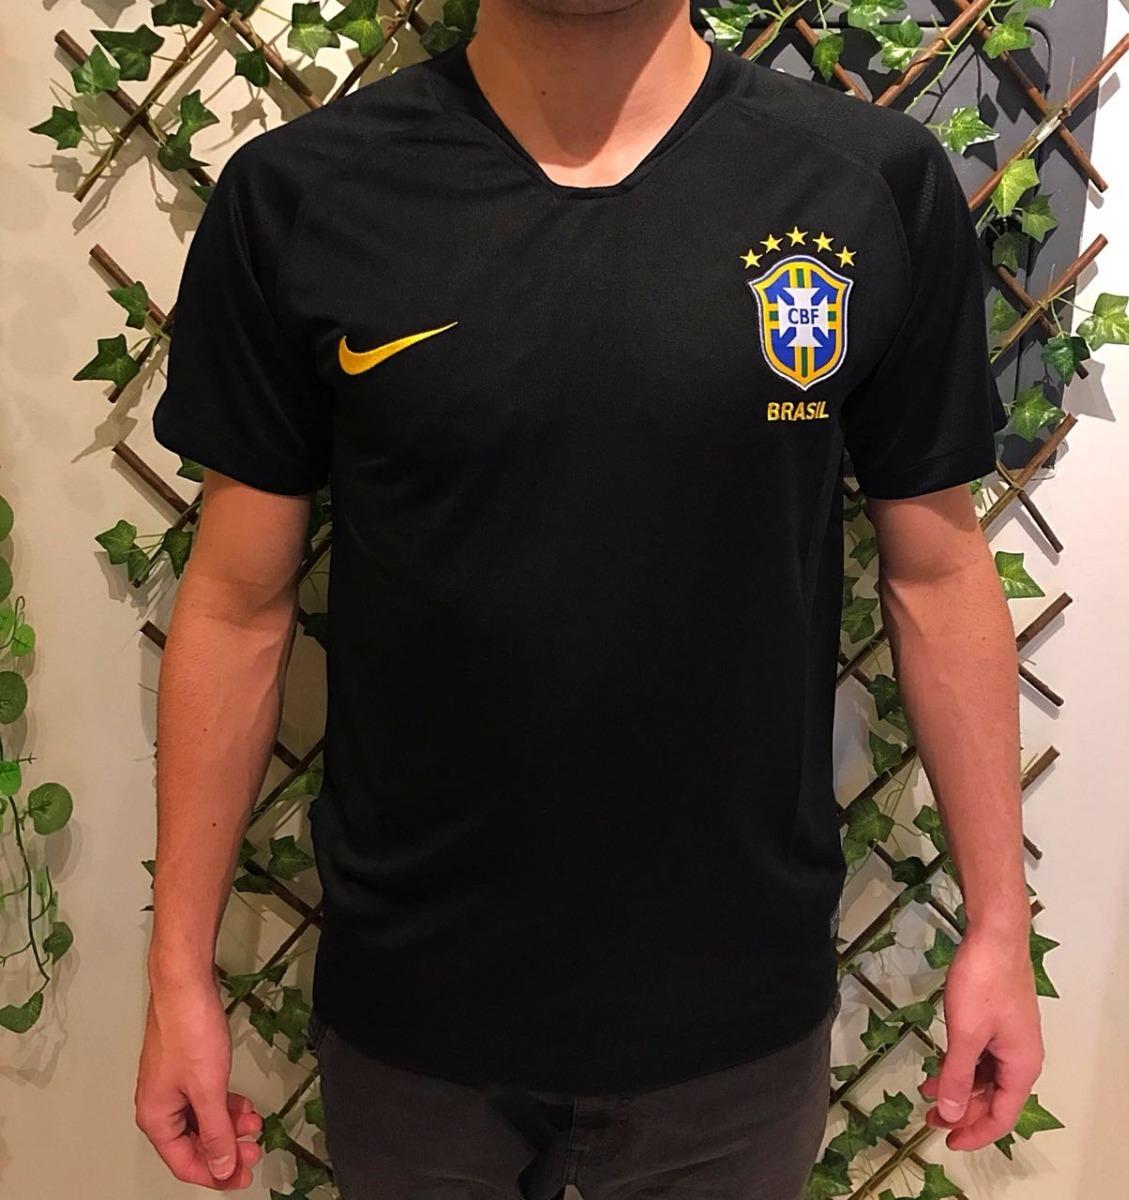 89850ebe5b camiseta seleção brasileira goleiro preta copa america 2018. Carregando zoom .